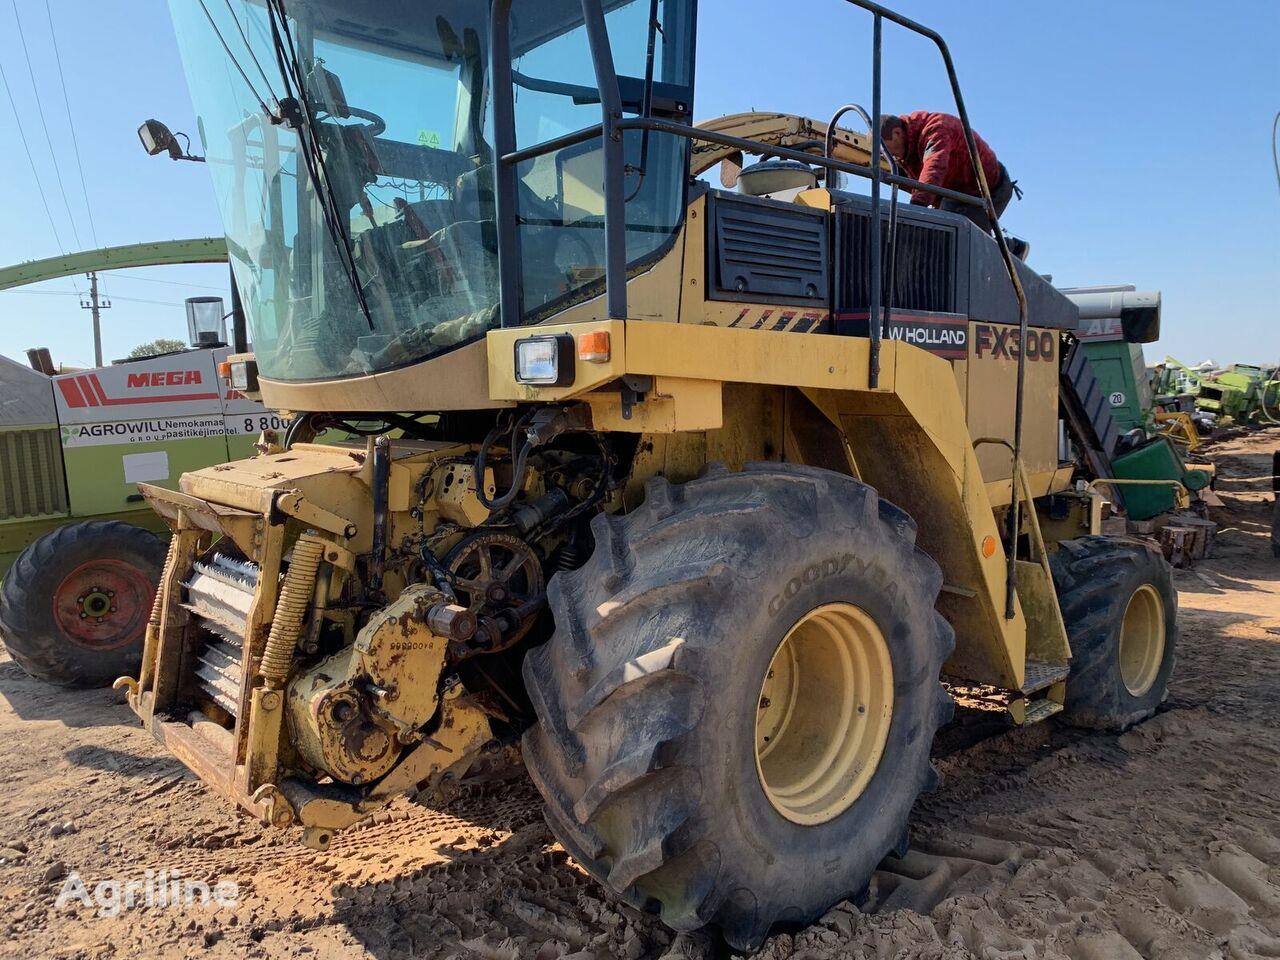 حصادة الأعلاف NEW HOLLAND FX300 من قطع الغيار